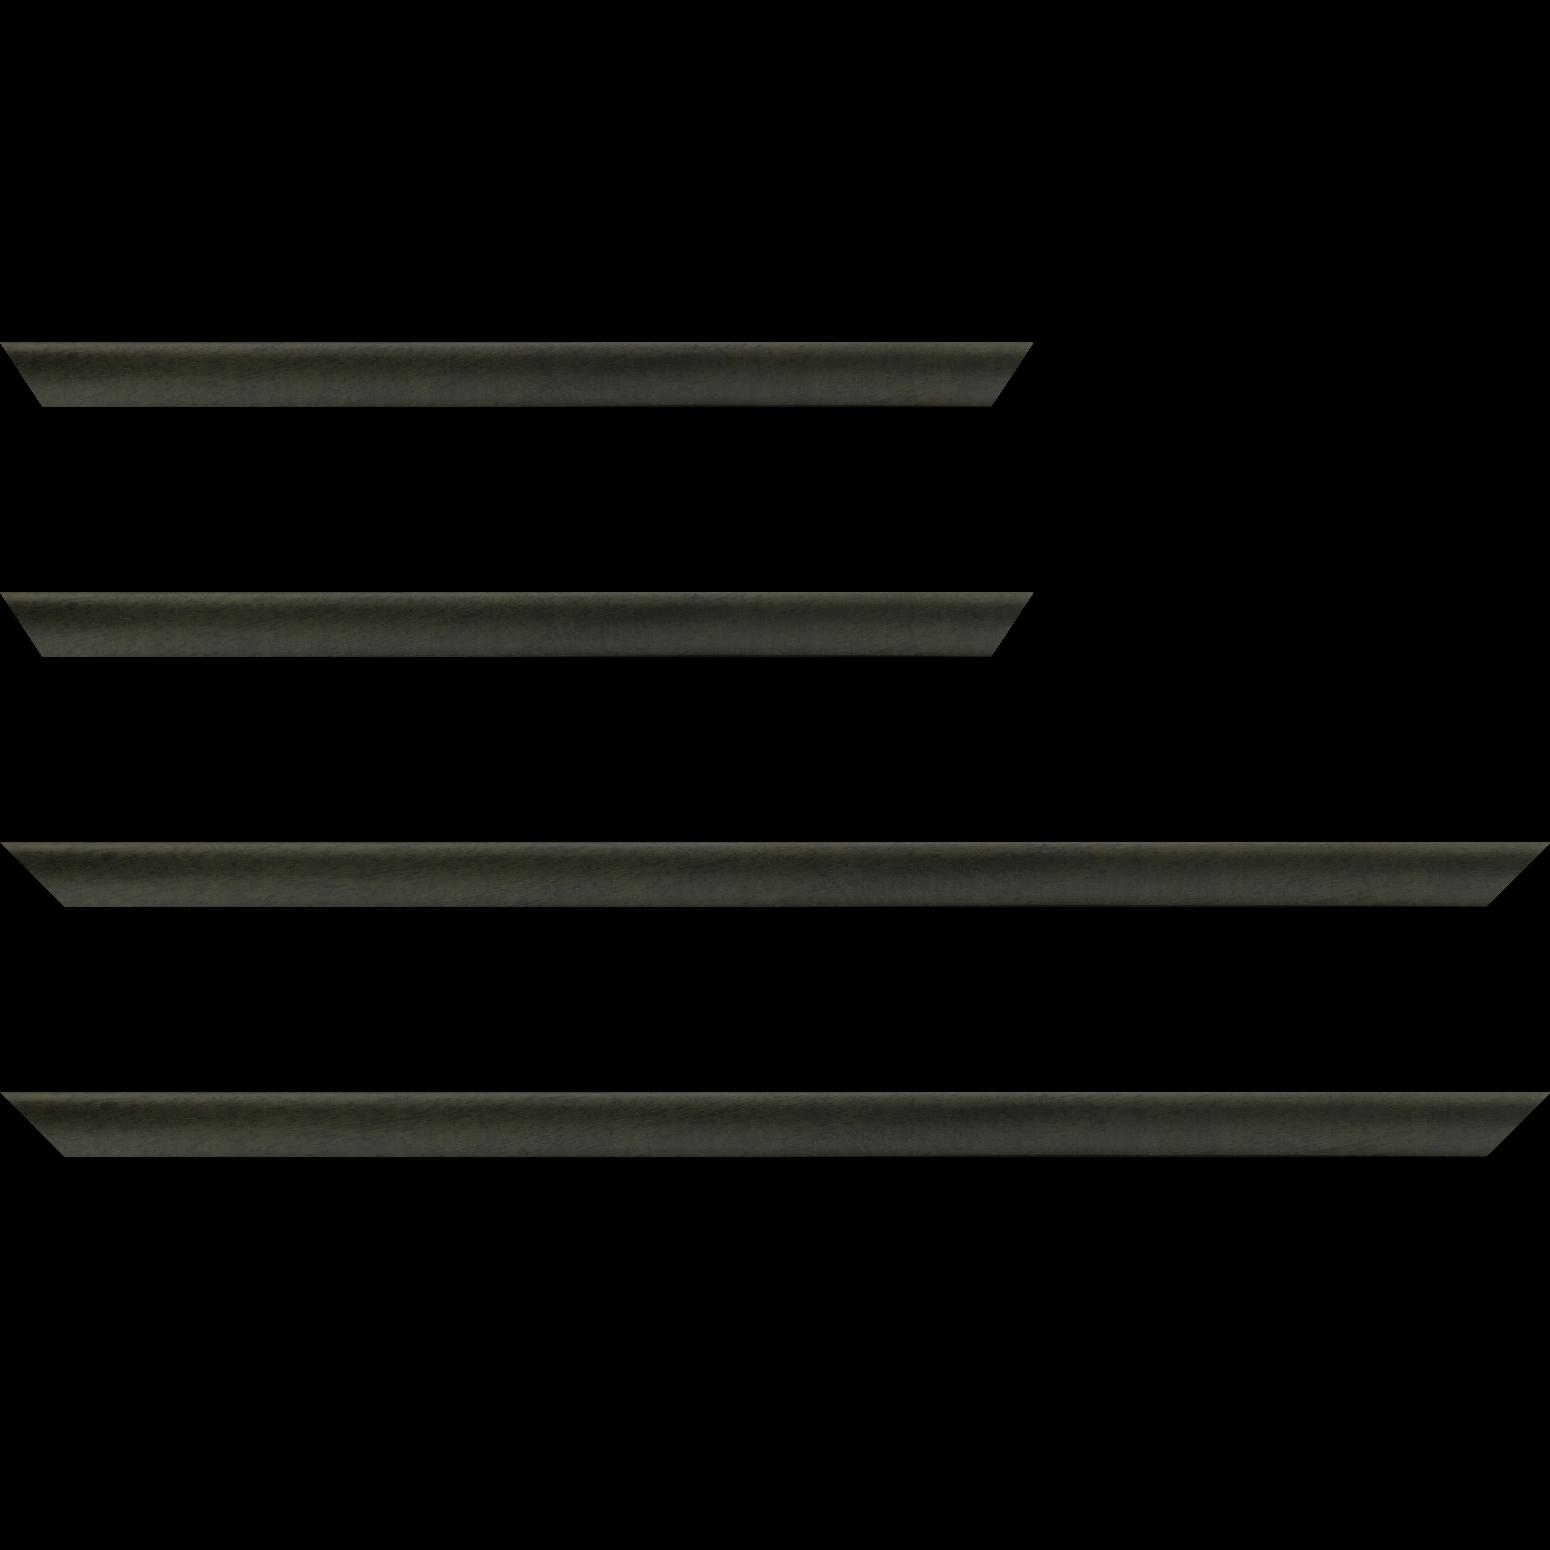 Baguette service précoupé Bois profil incuvé largeur 2.1cm couleur vert olive satiné